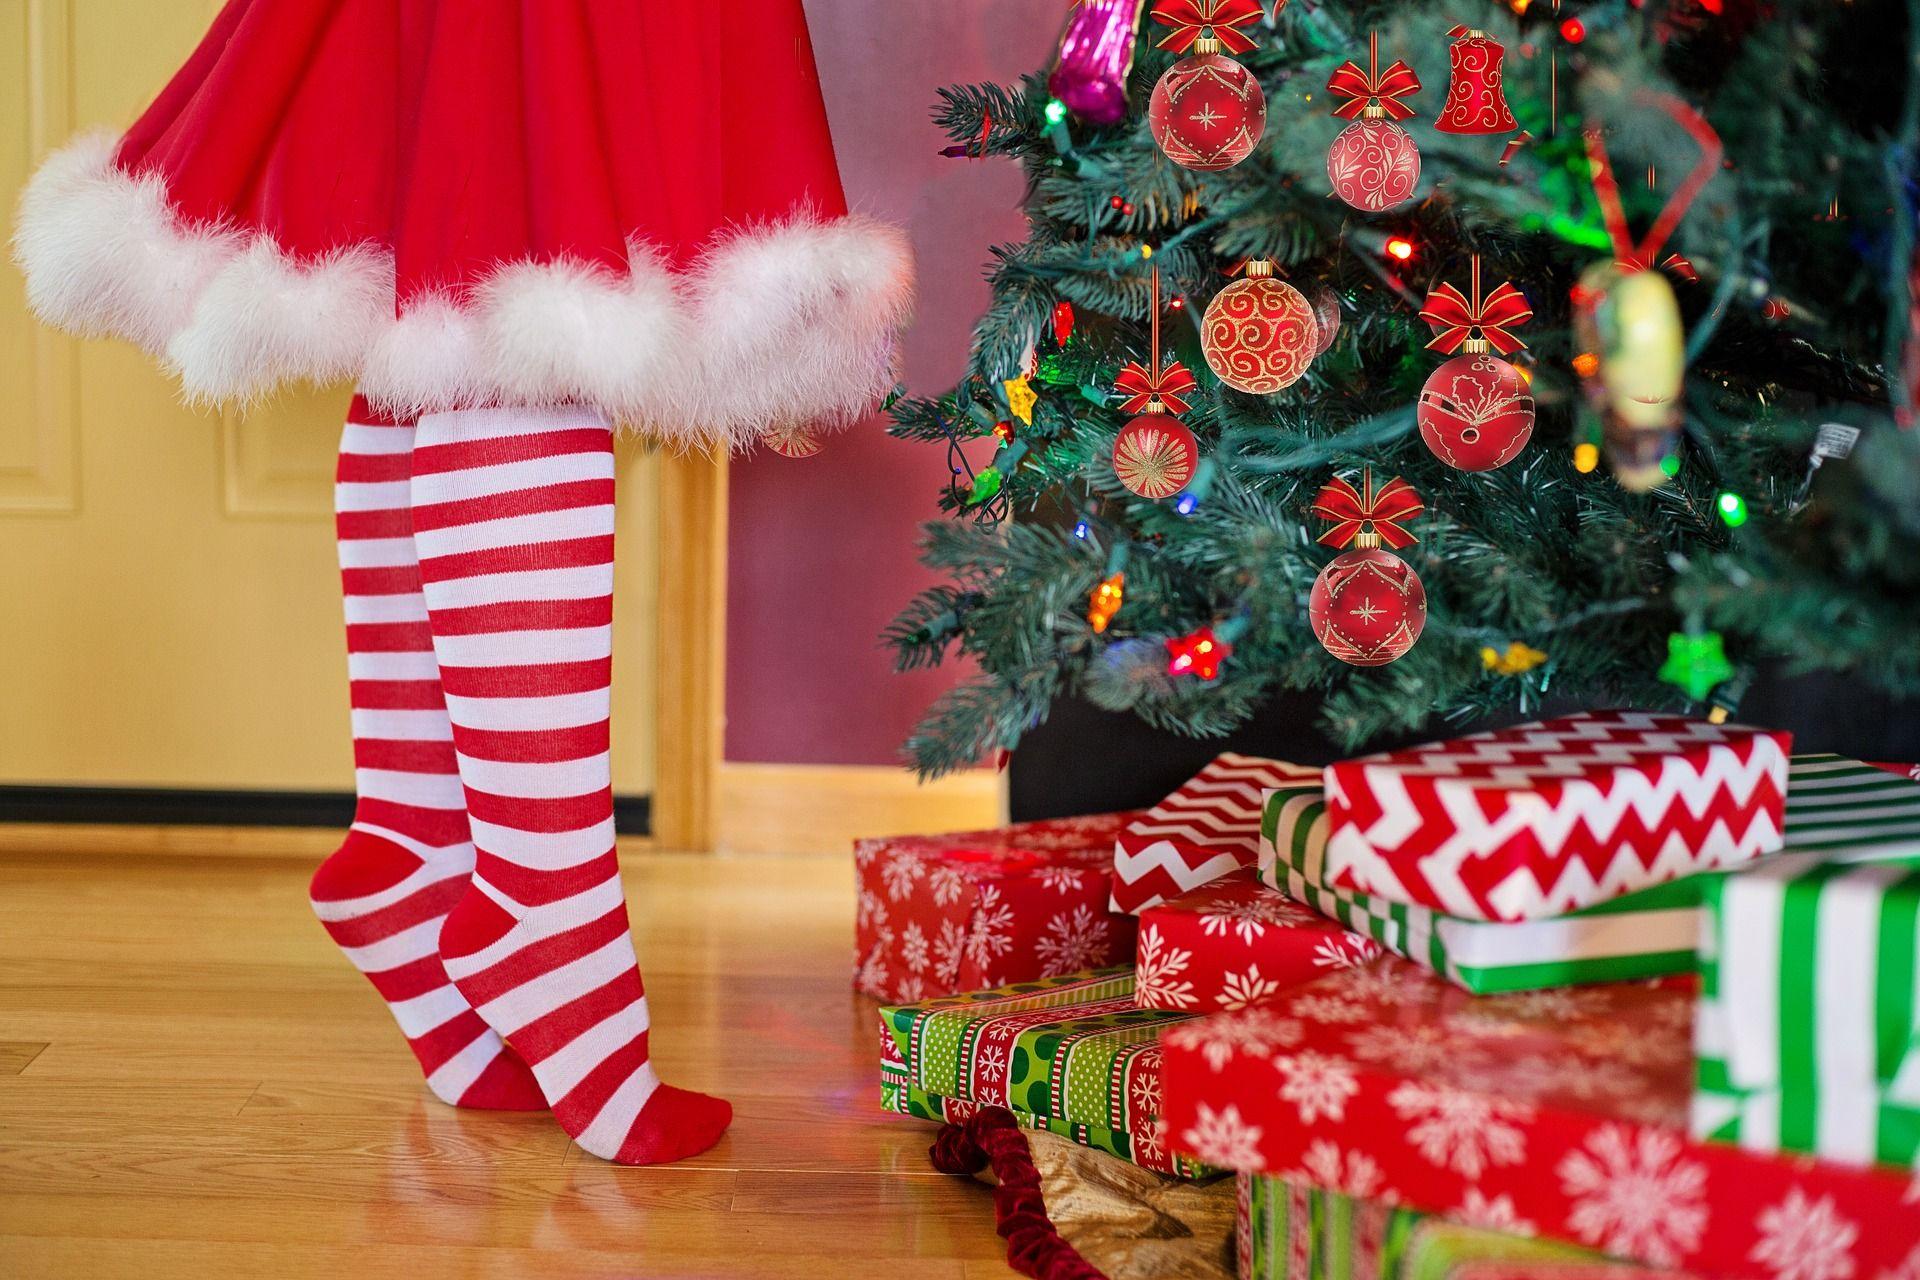 【クリスマス休暇明け】2018年を考えながら(-ω-;) 今週の相場見通し&トレード戦略まとめ【12月25〜29日】